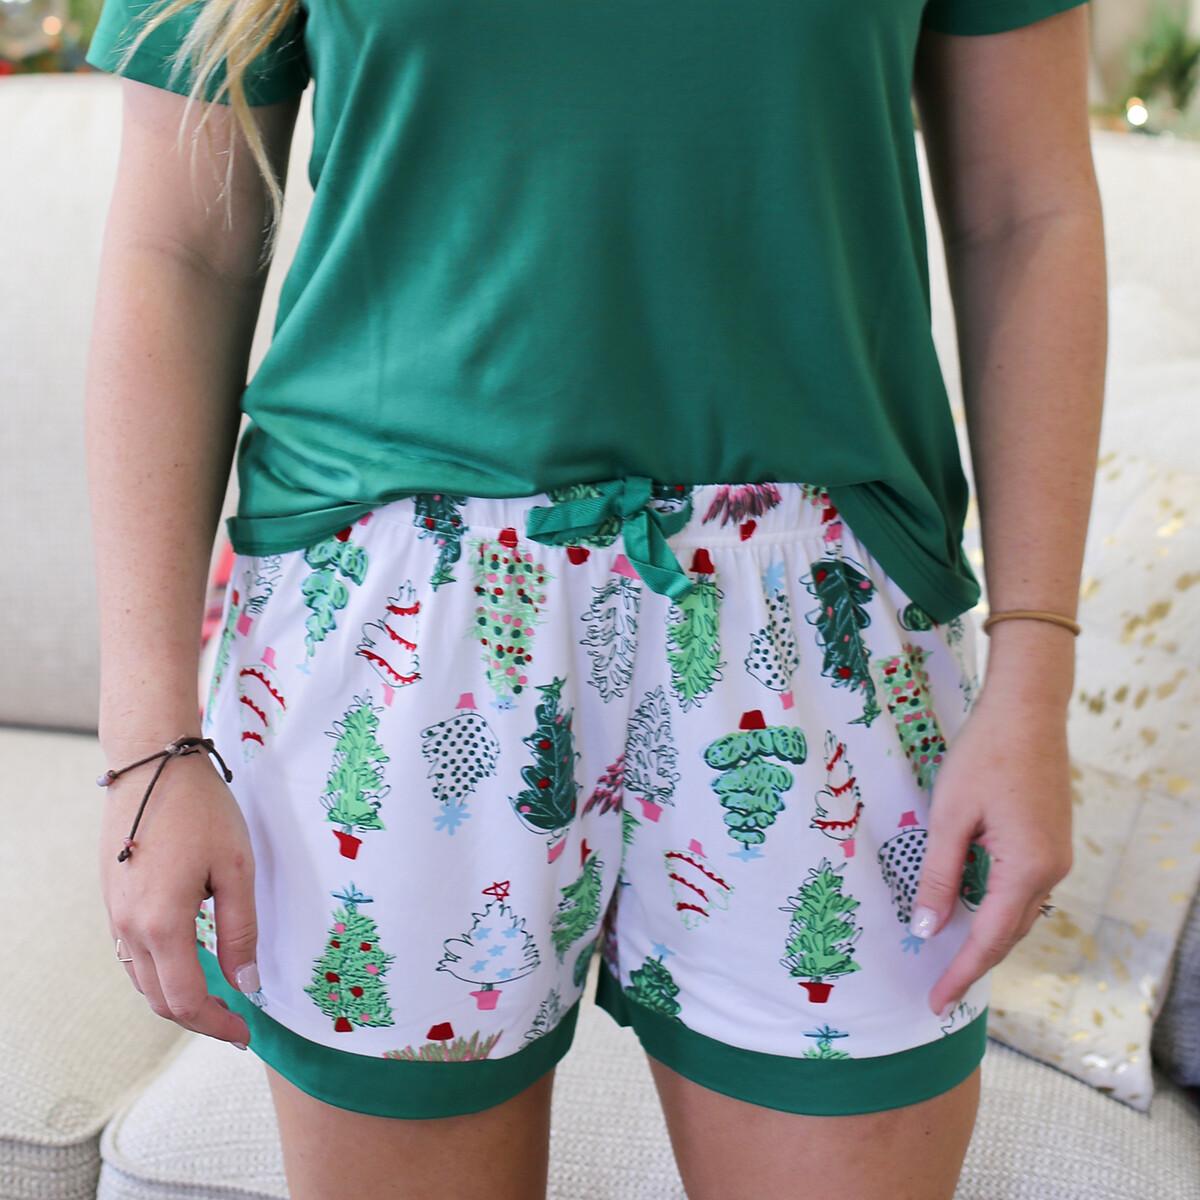 Medium Adult Treeful PJ shorts